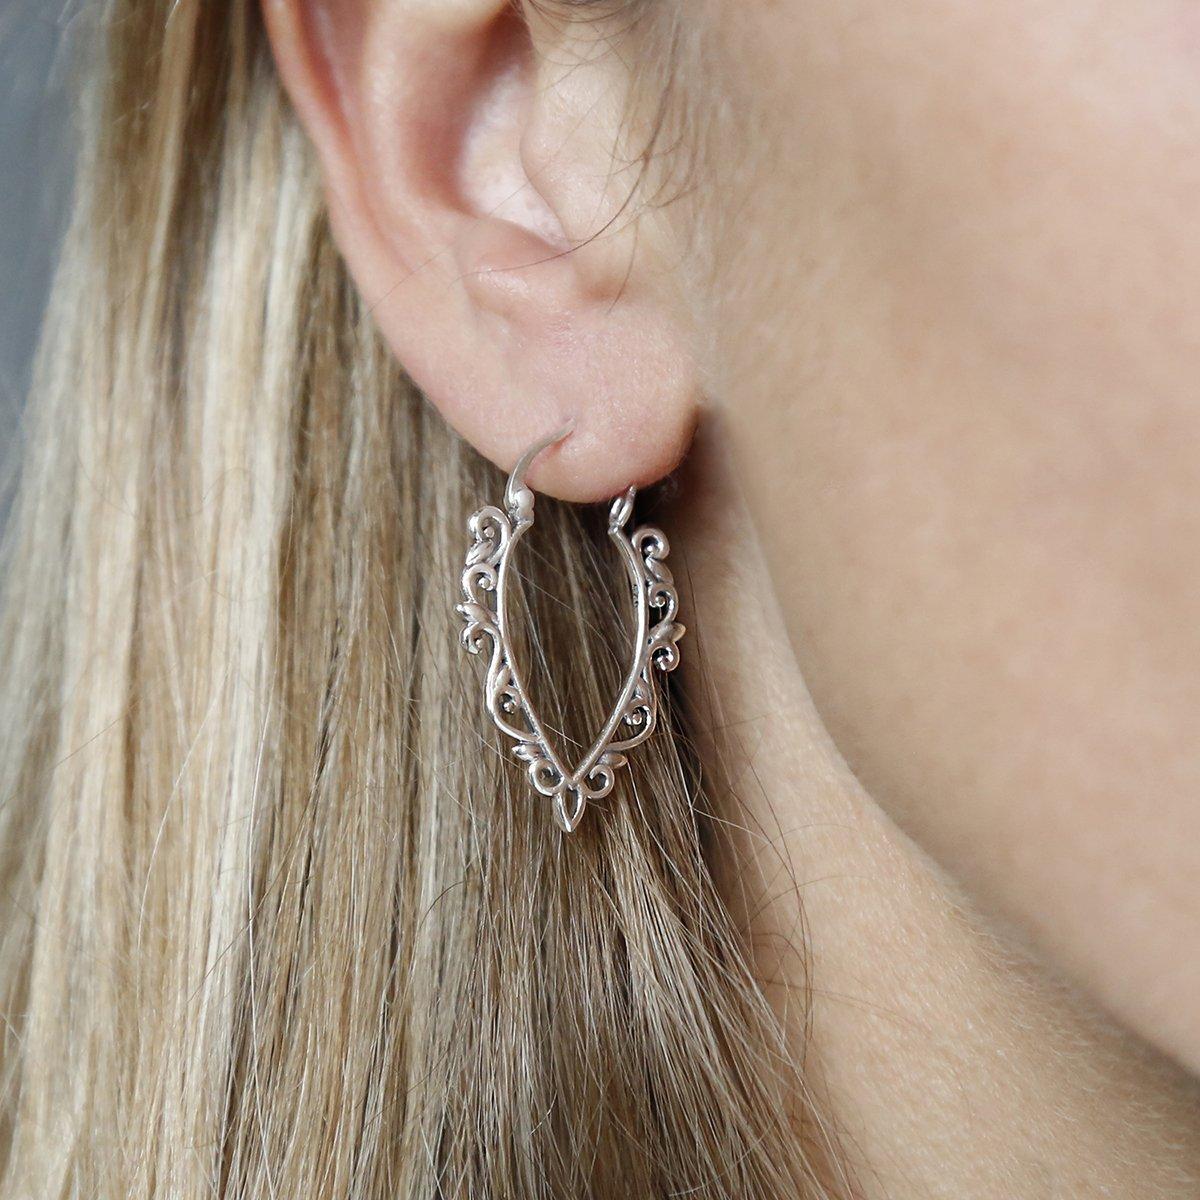 Sterling Silver Harmony Hoops in ear of model